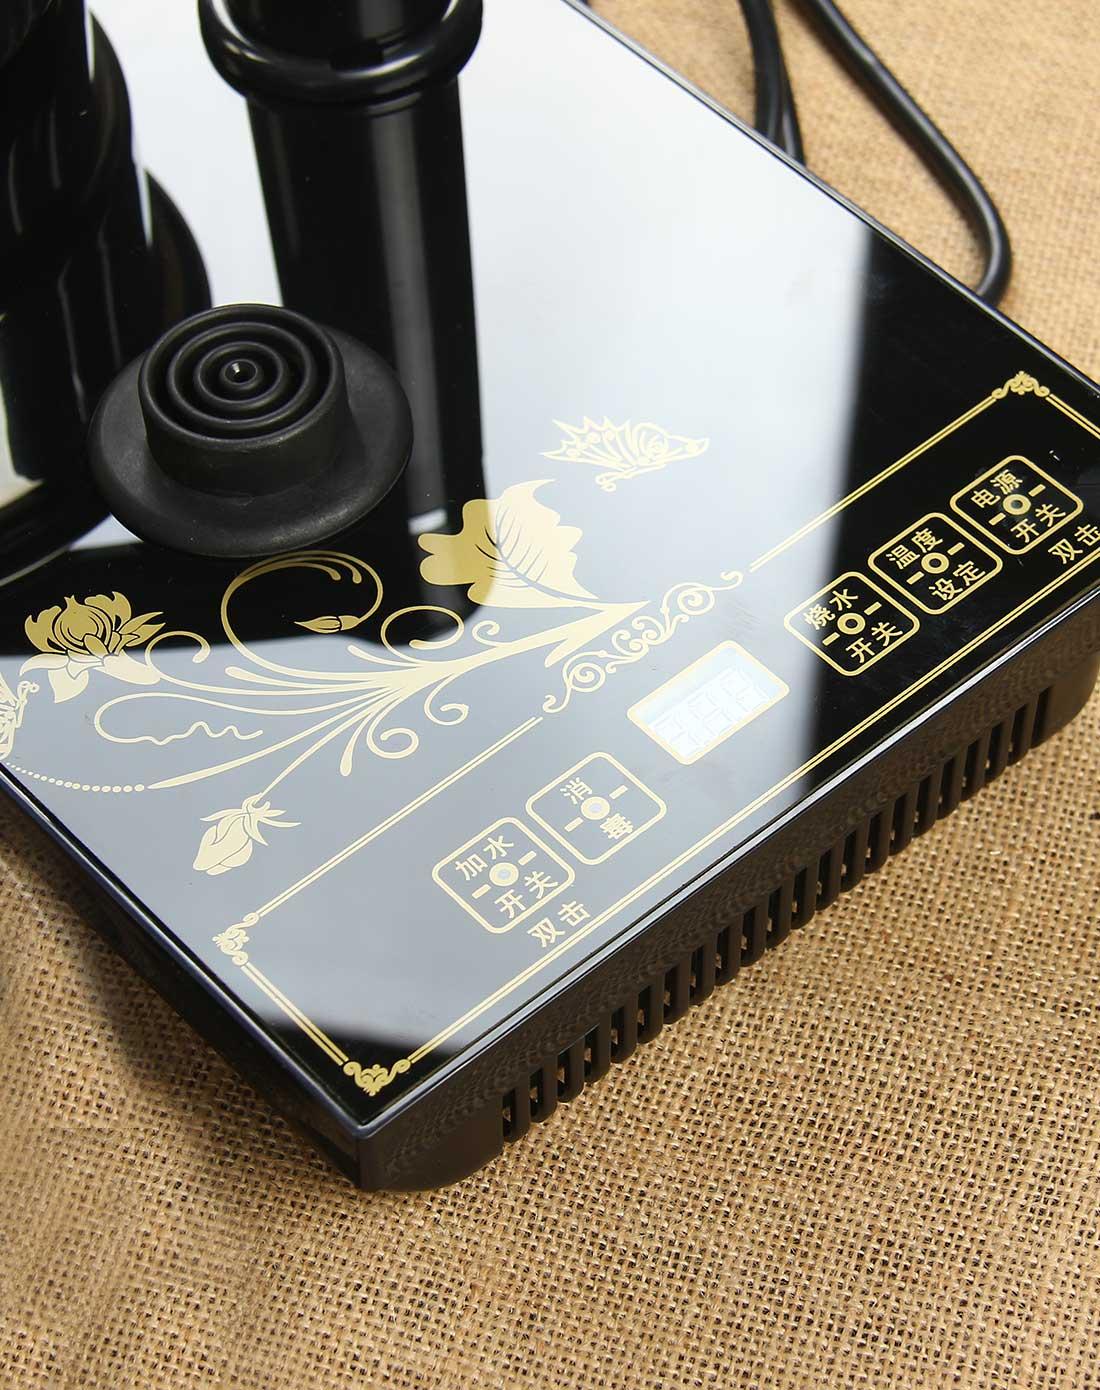 酷睿黑中华双炉 3合1自动抽水电热壶图片